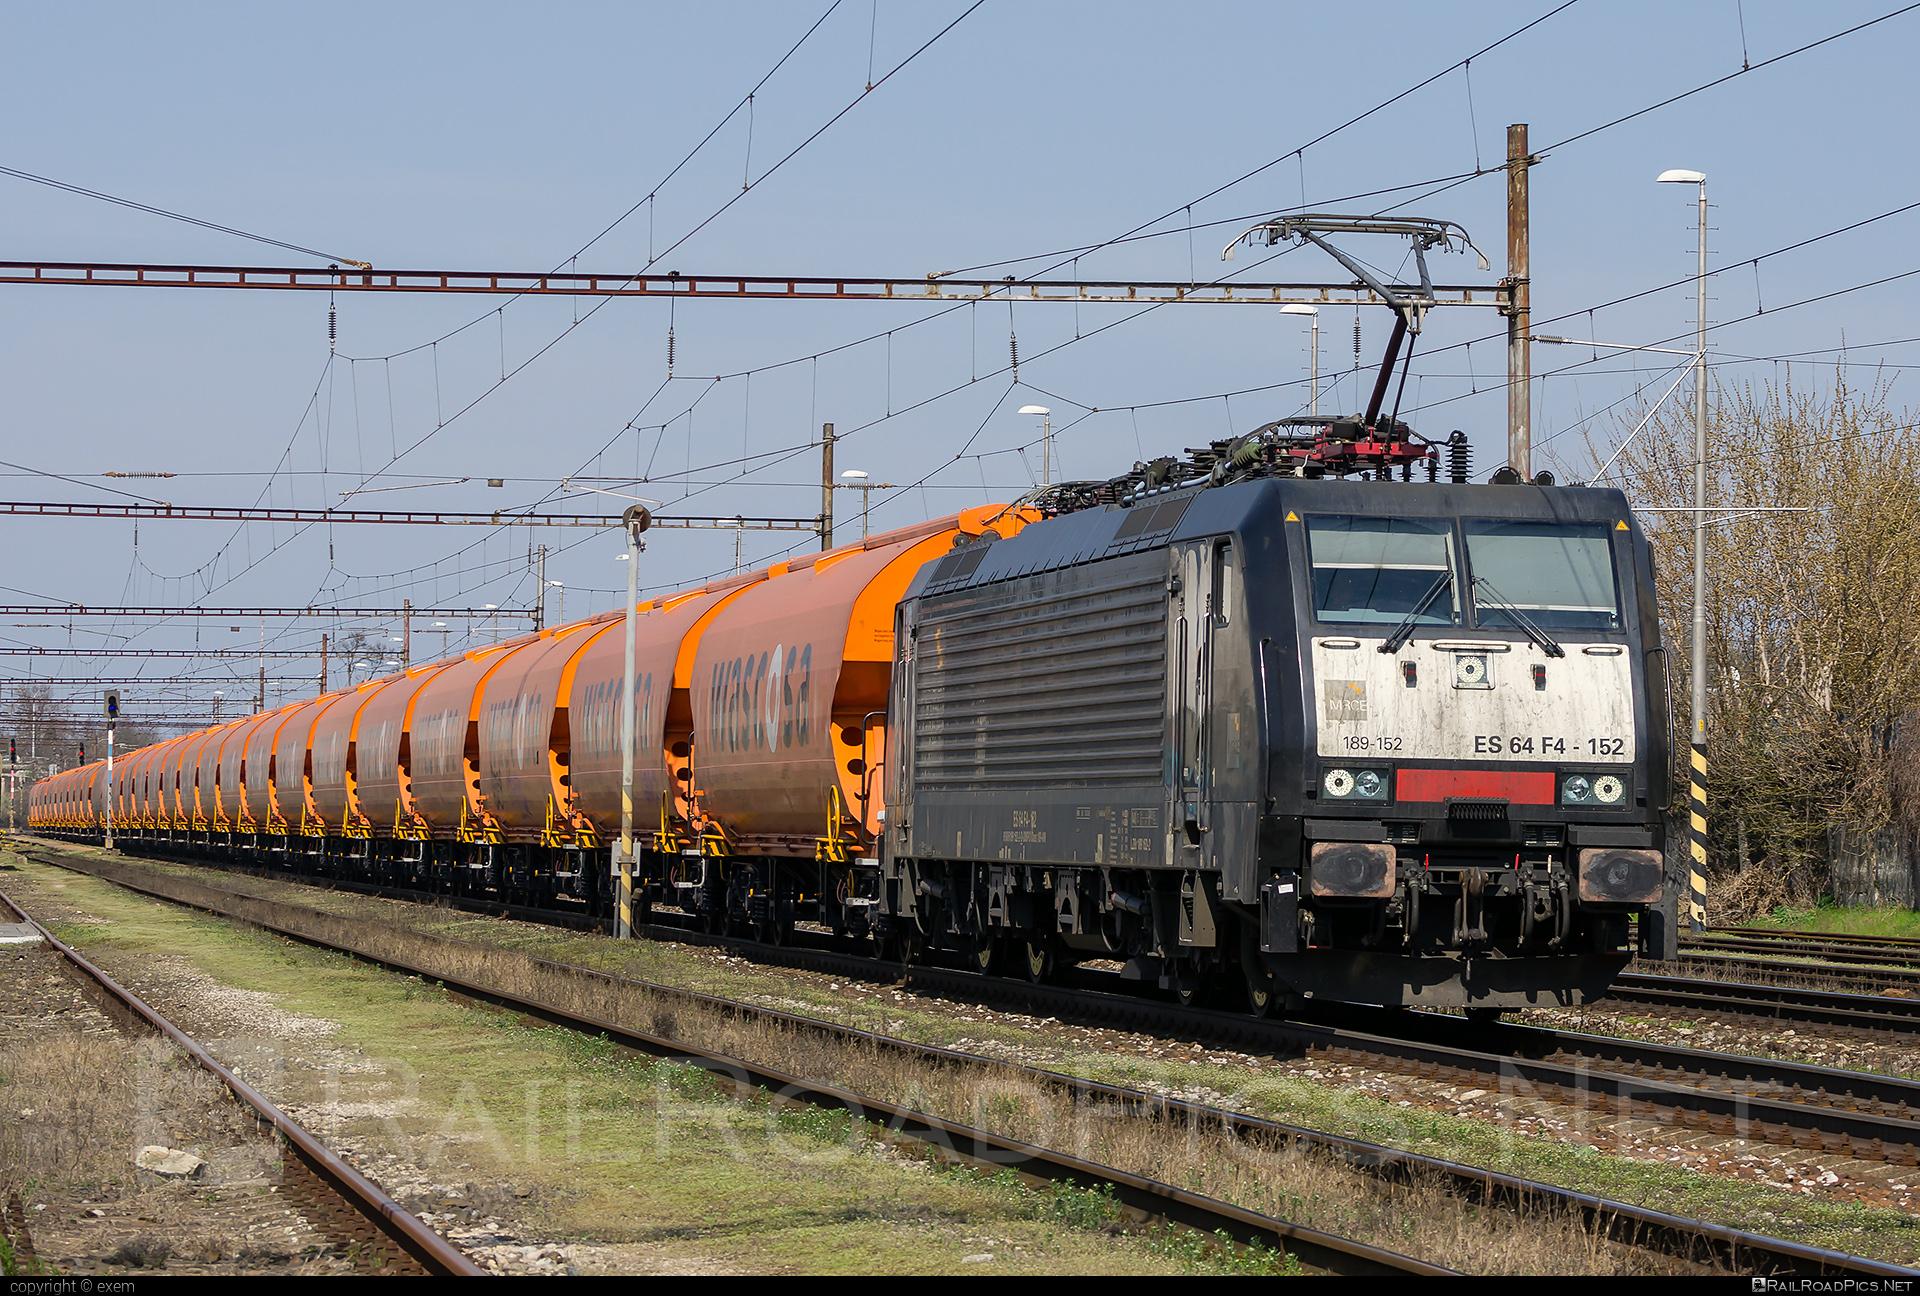 Siemens ES 64 F4 - 189 152-2 operated by Retrack Slovakia s. r. o. #dispolok #es64 #es64f4 #eurosprinter #hopperwagon #mitsuirailcapitaleurope #mitsuirailcapitaleuropegmbh #mrce #retrack #retrackslovakia #siemens #siemenses64 #siemenses64f4 #wascosa